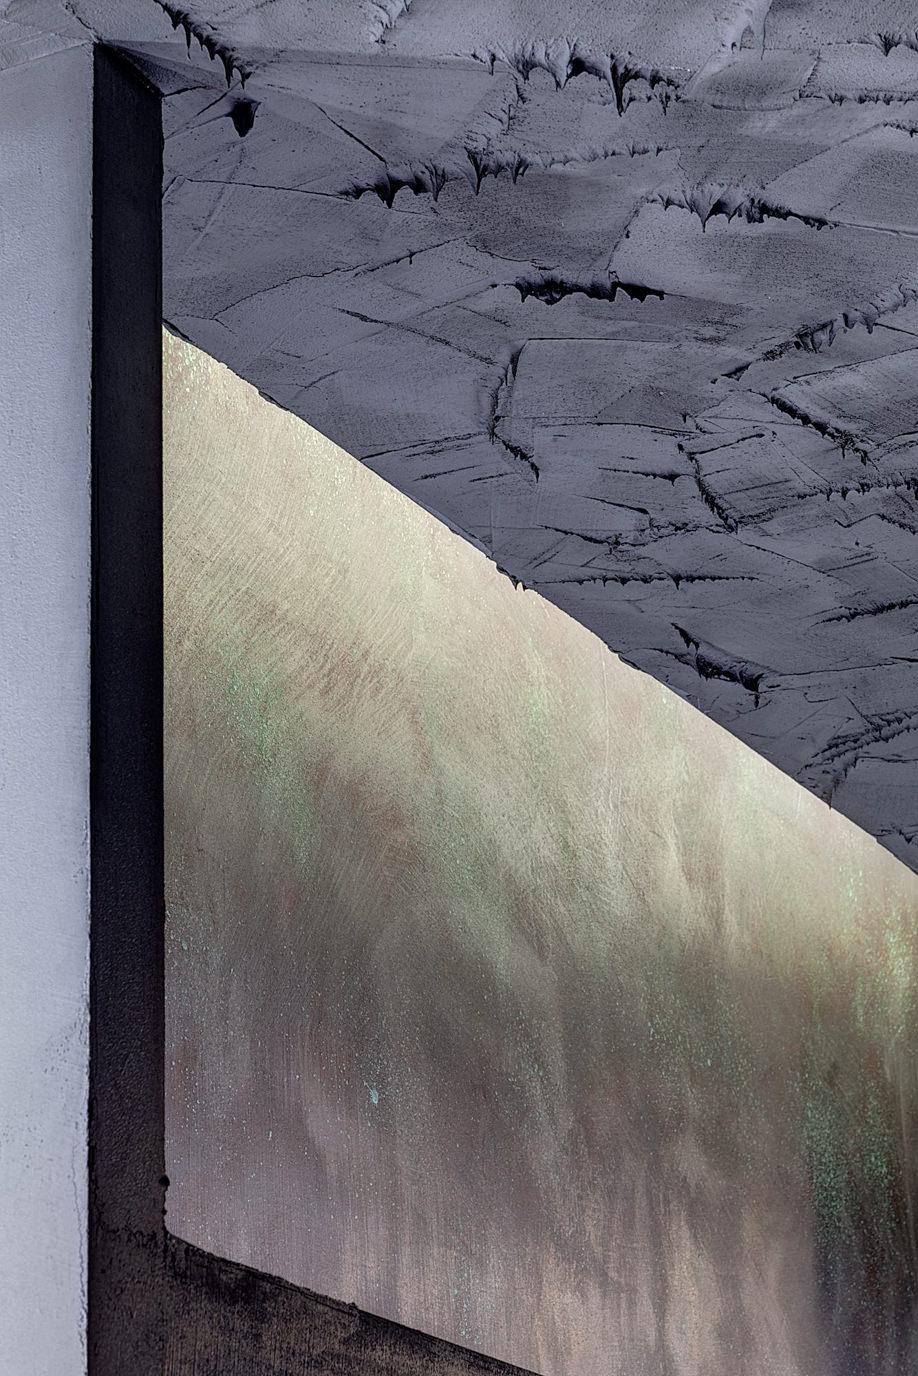 lavaplaster_ioannis_roumeliotis-14